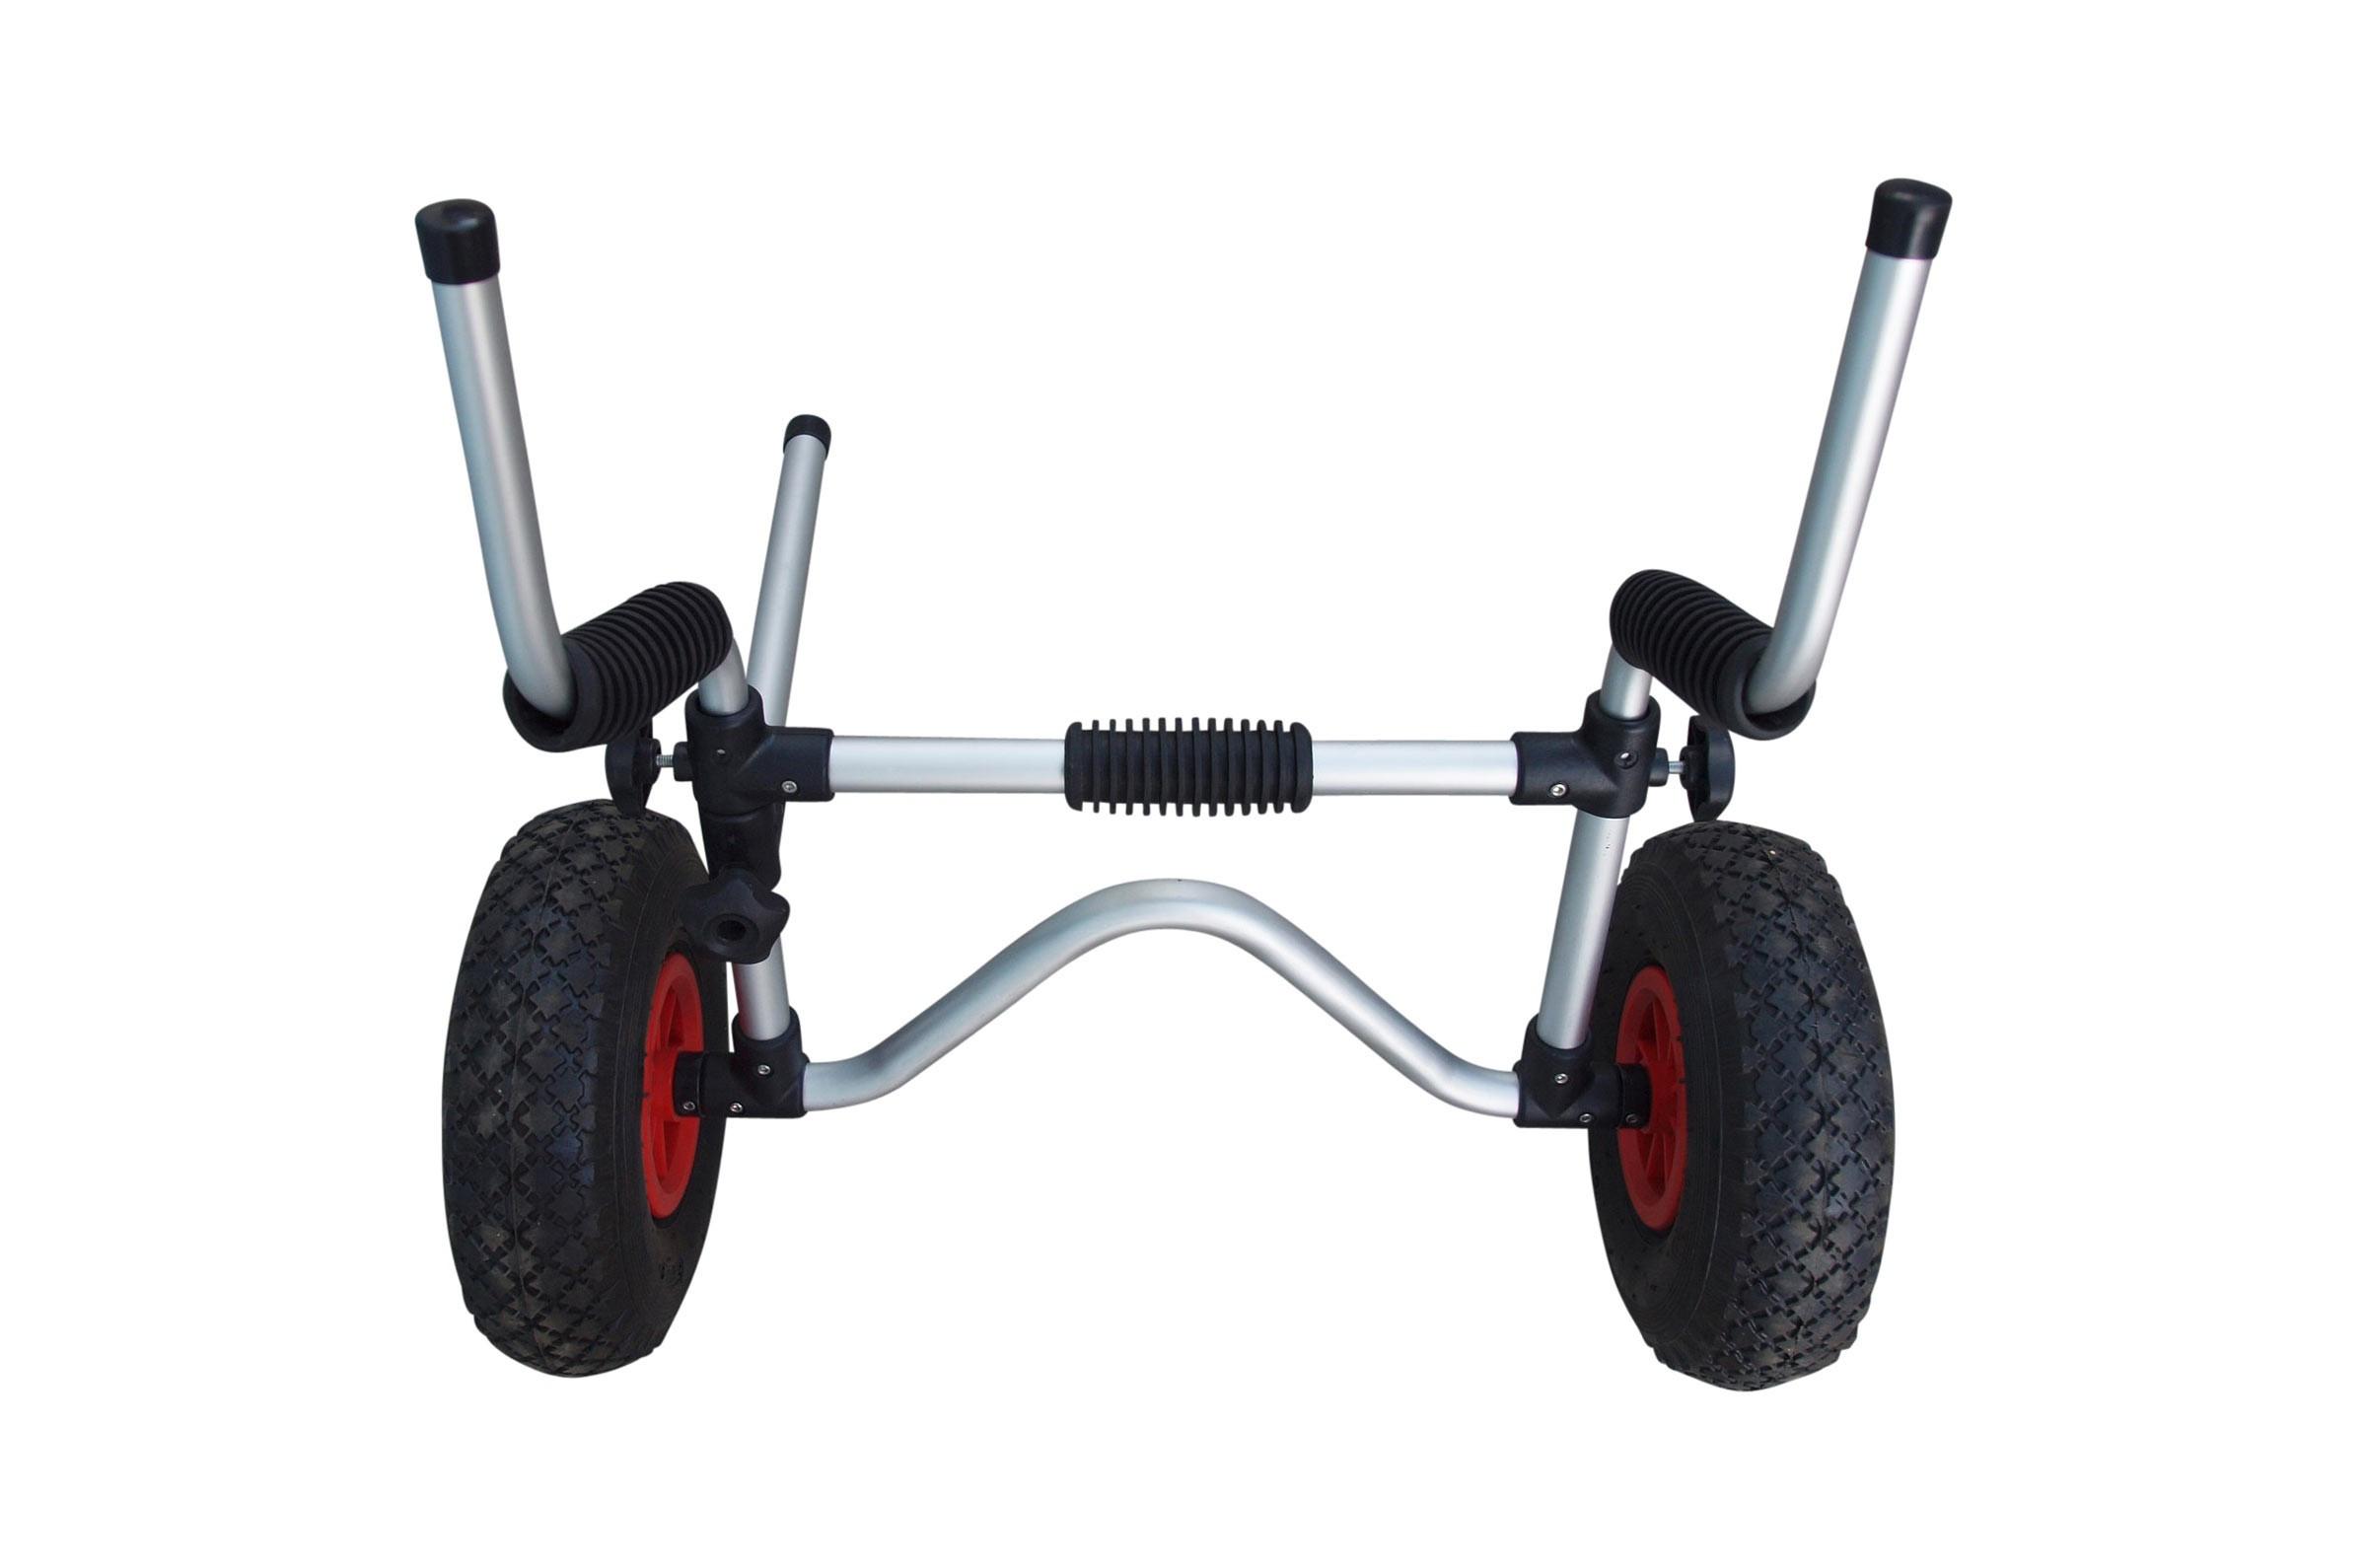 Carrello per kayak con Supporti per Autosvuotanti